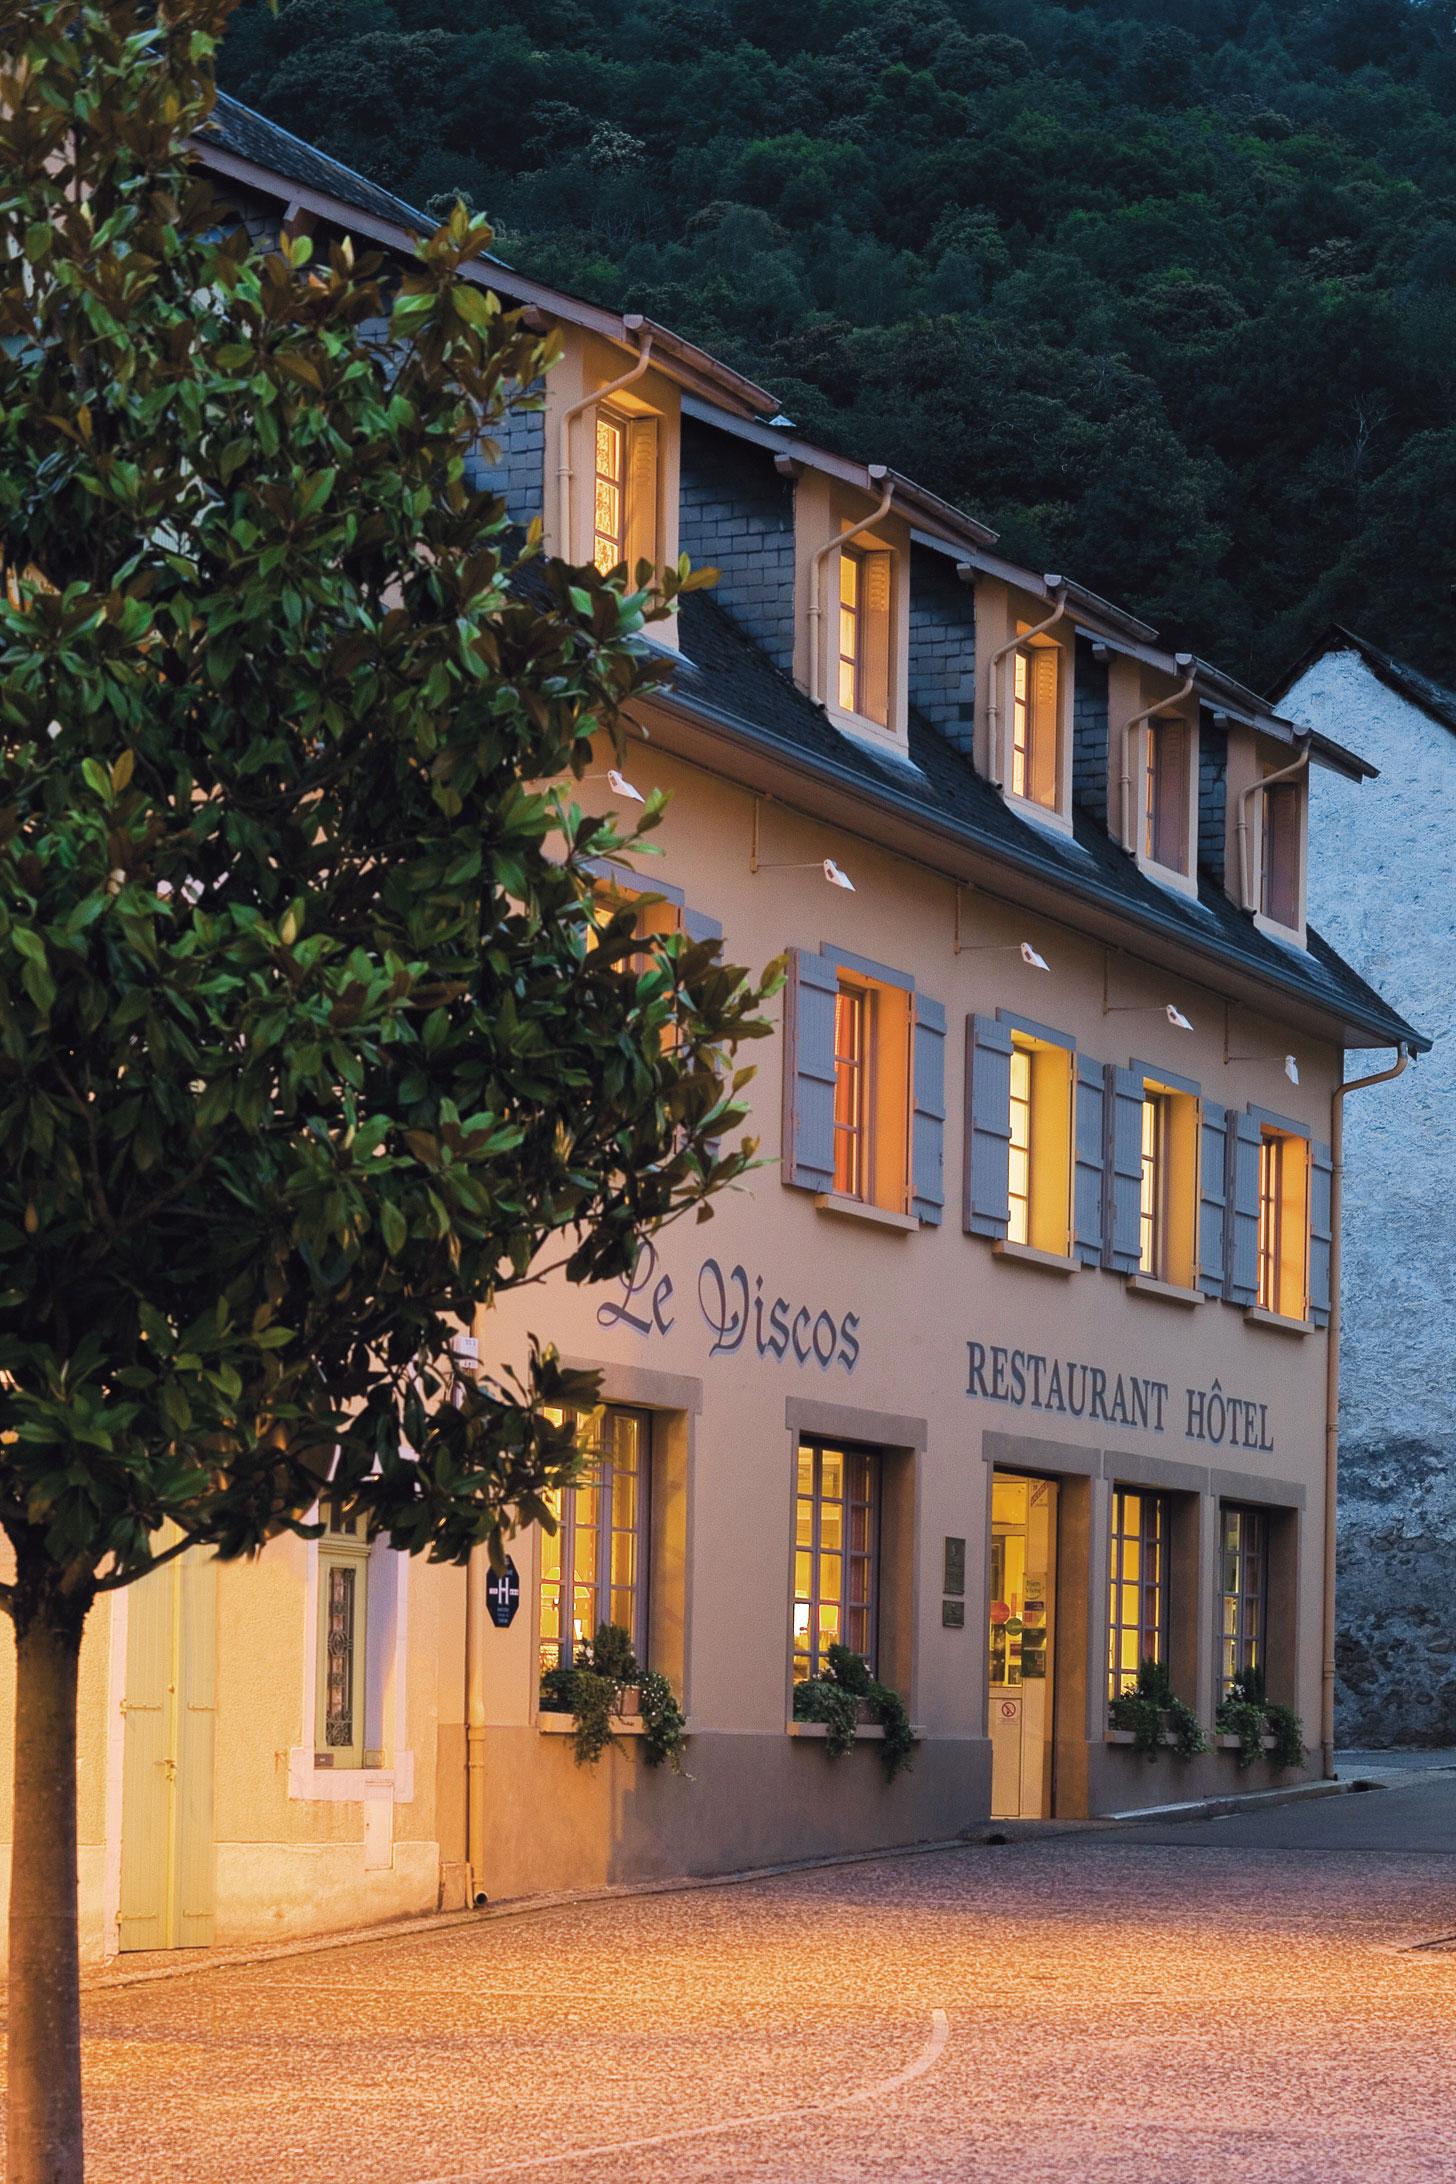 Profitez d'un séjour gourmand dans les Pyrénées